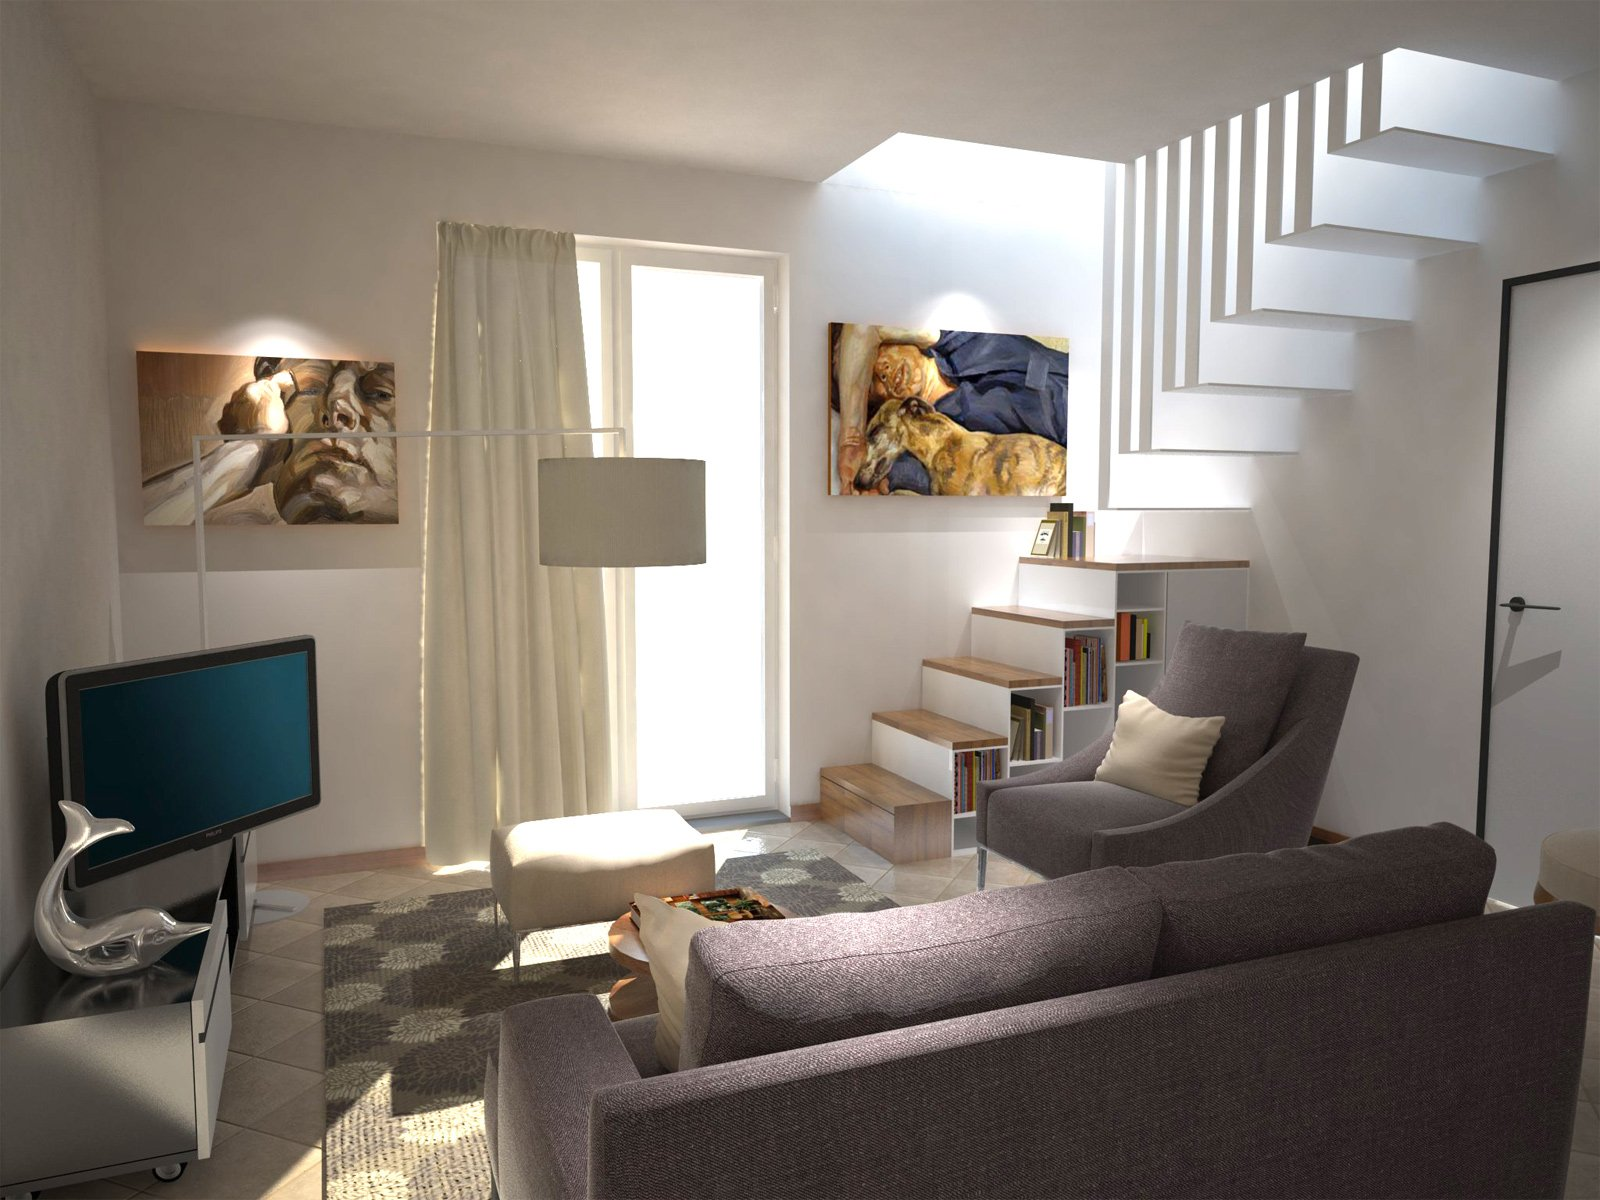 Arredare un soggiorno con tante aperture sulle pareti for Arredamento salone